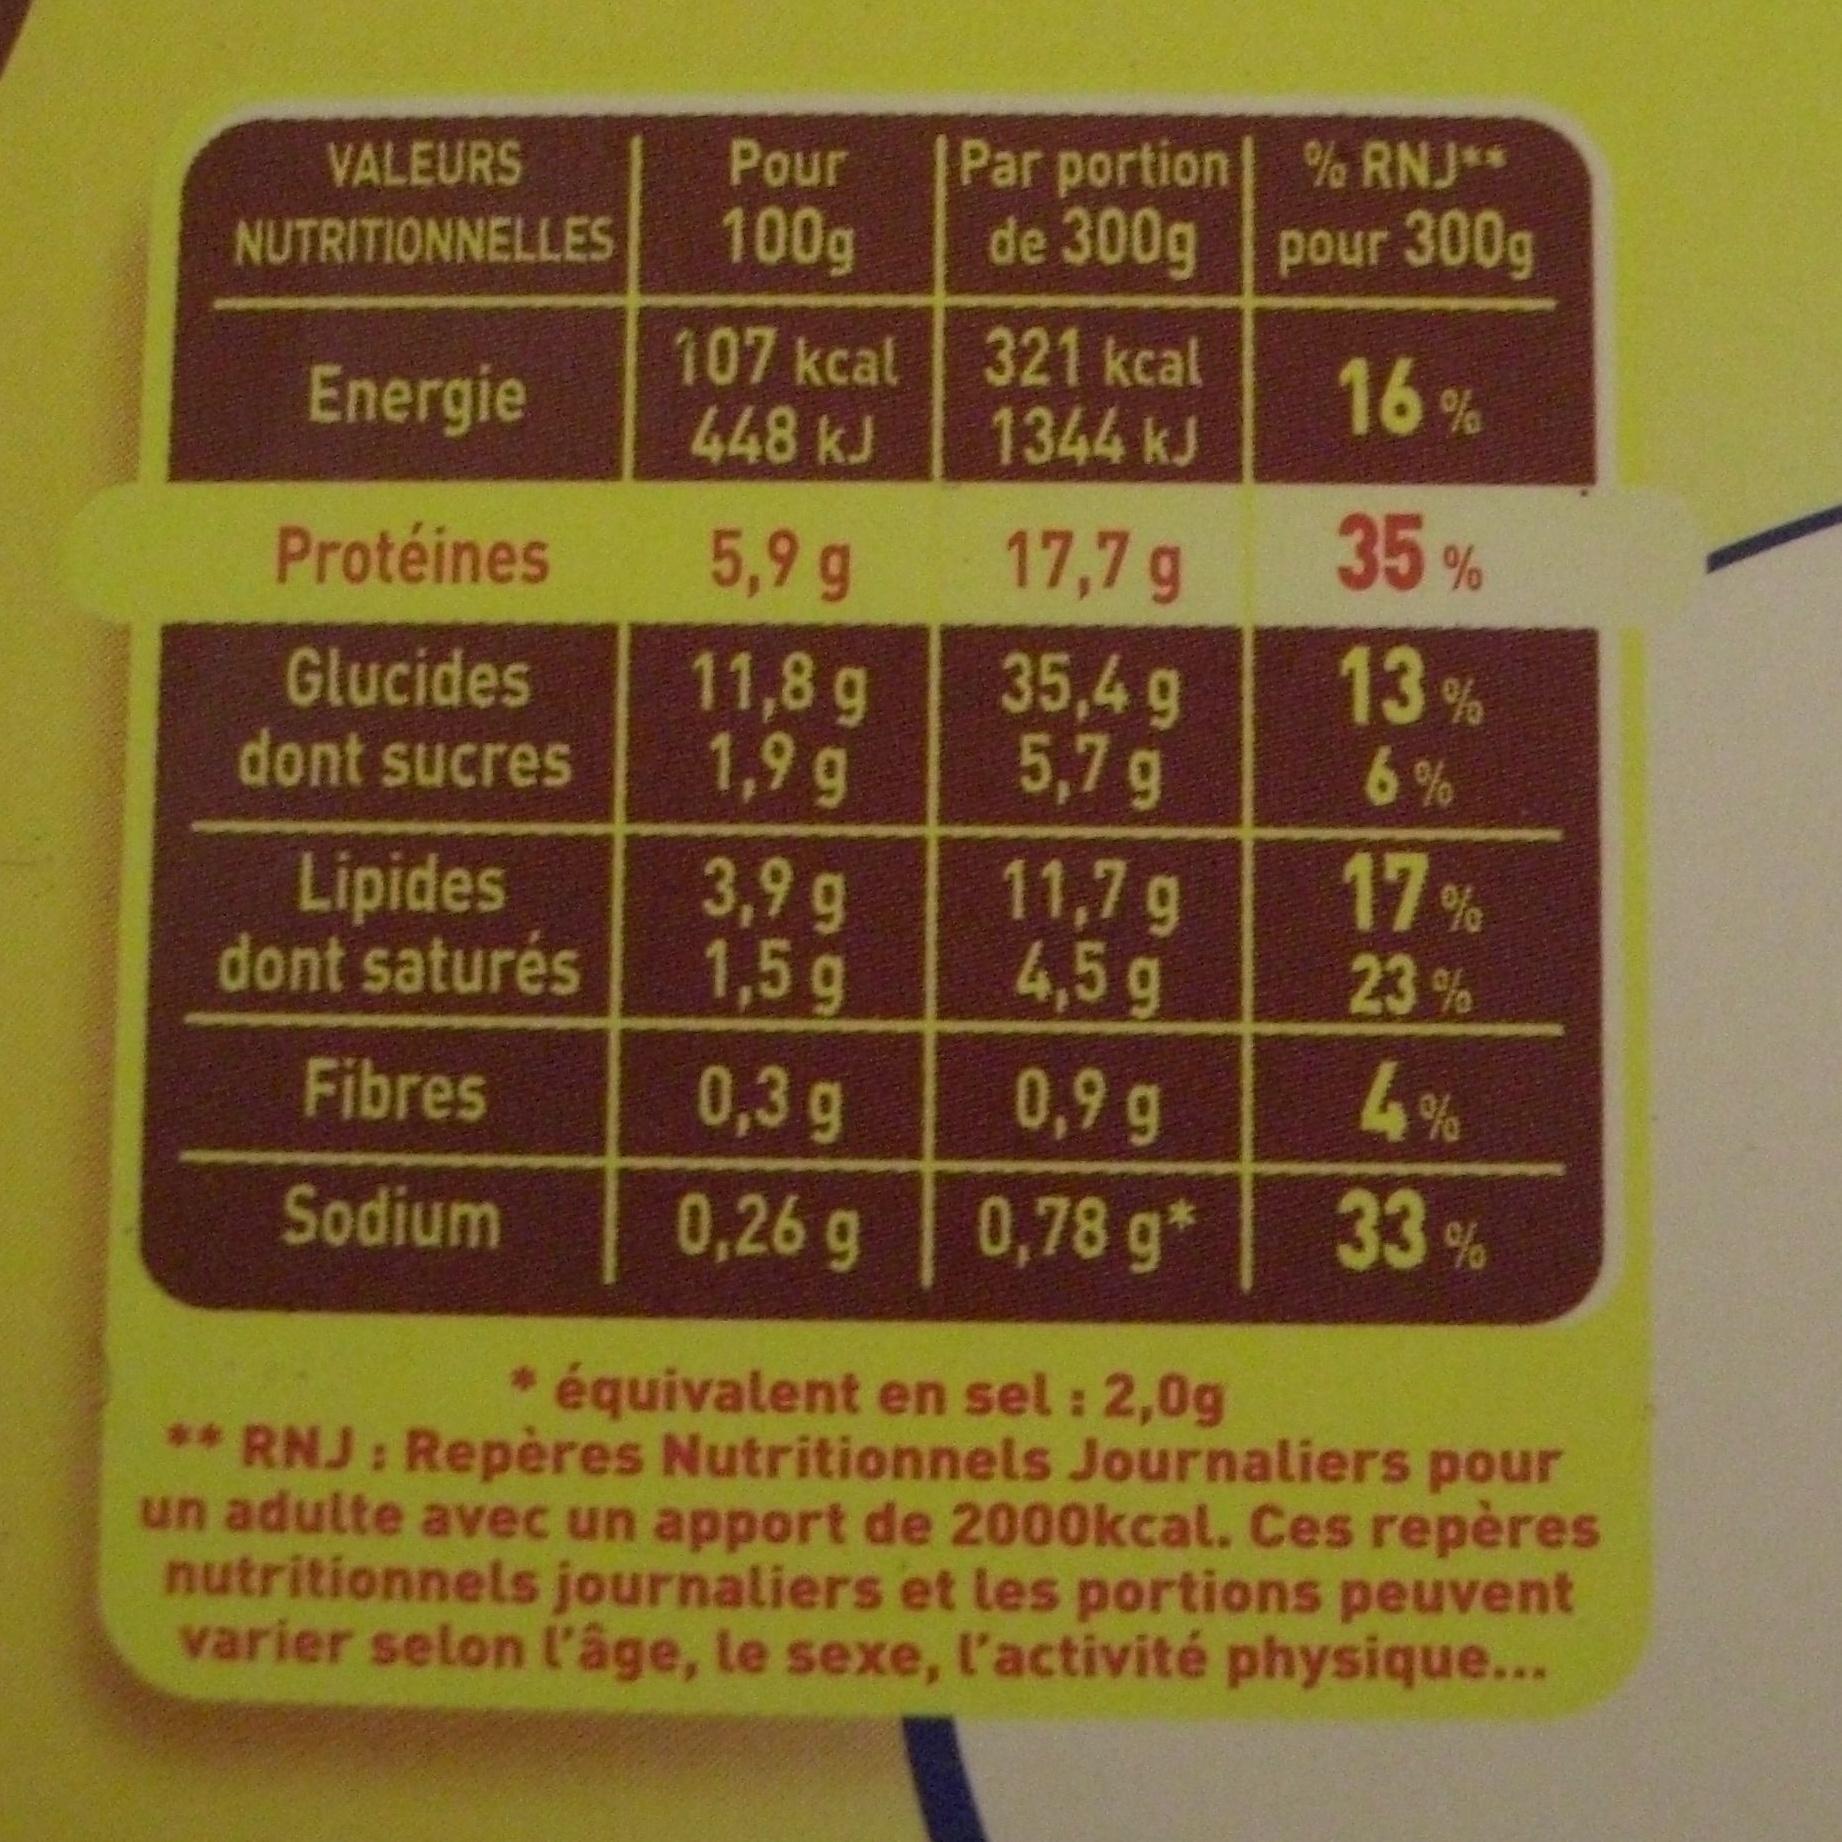 Hachis Parmentier - 1 kg - Maggi - Informations nutritionnelles - fr